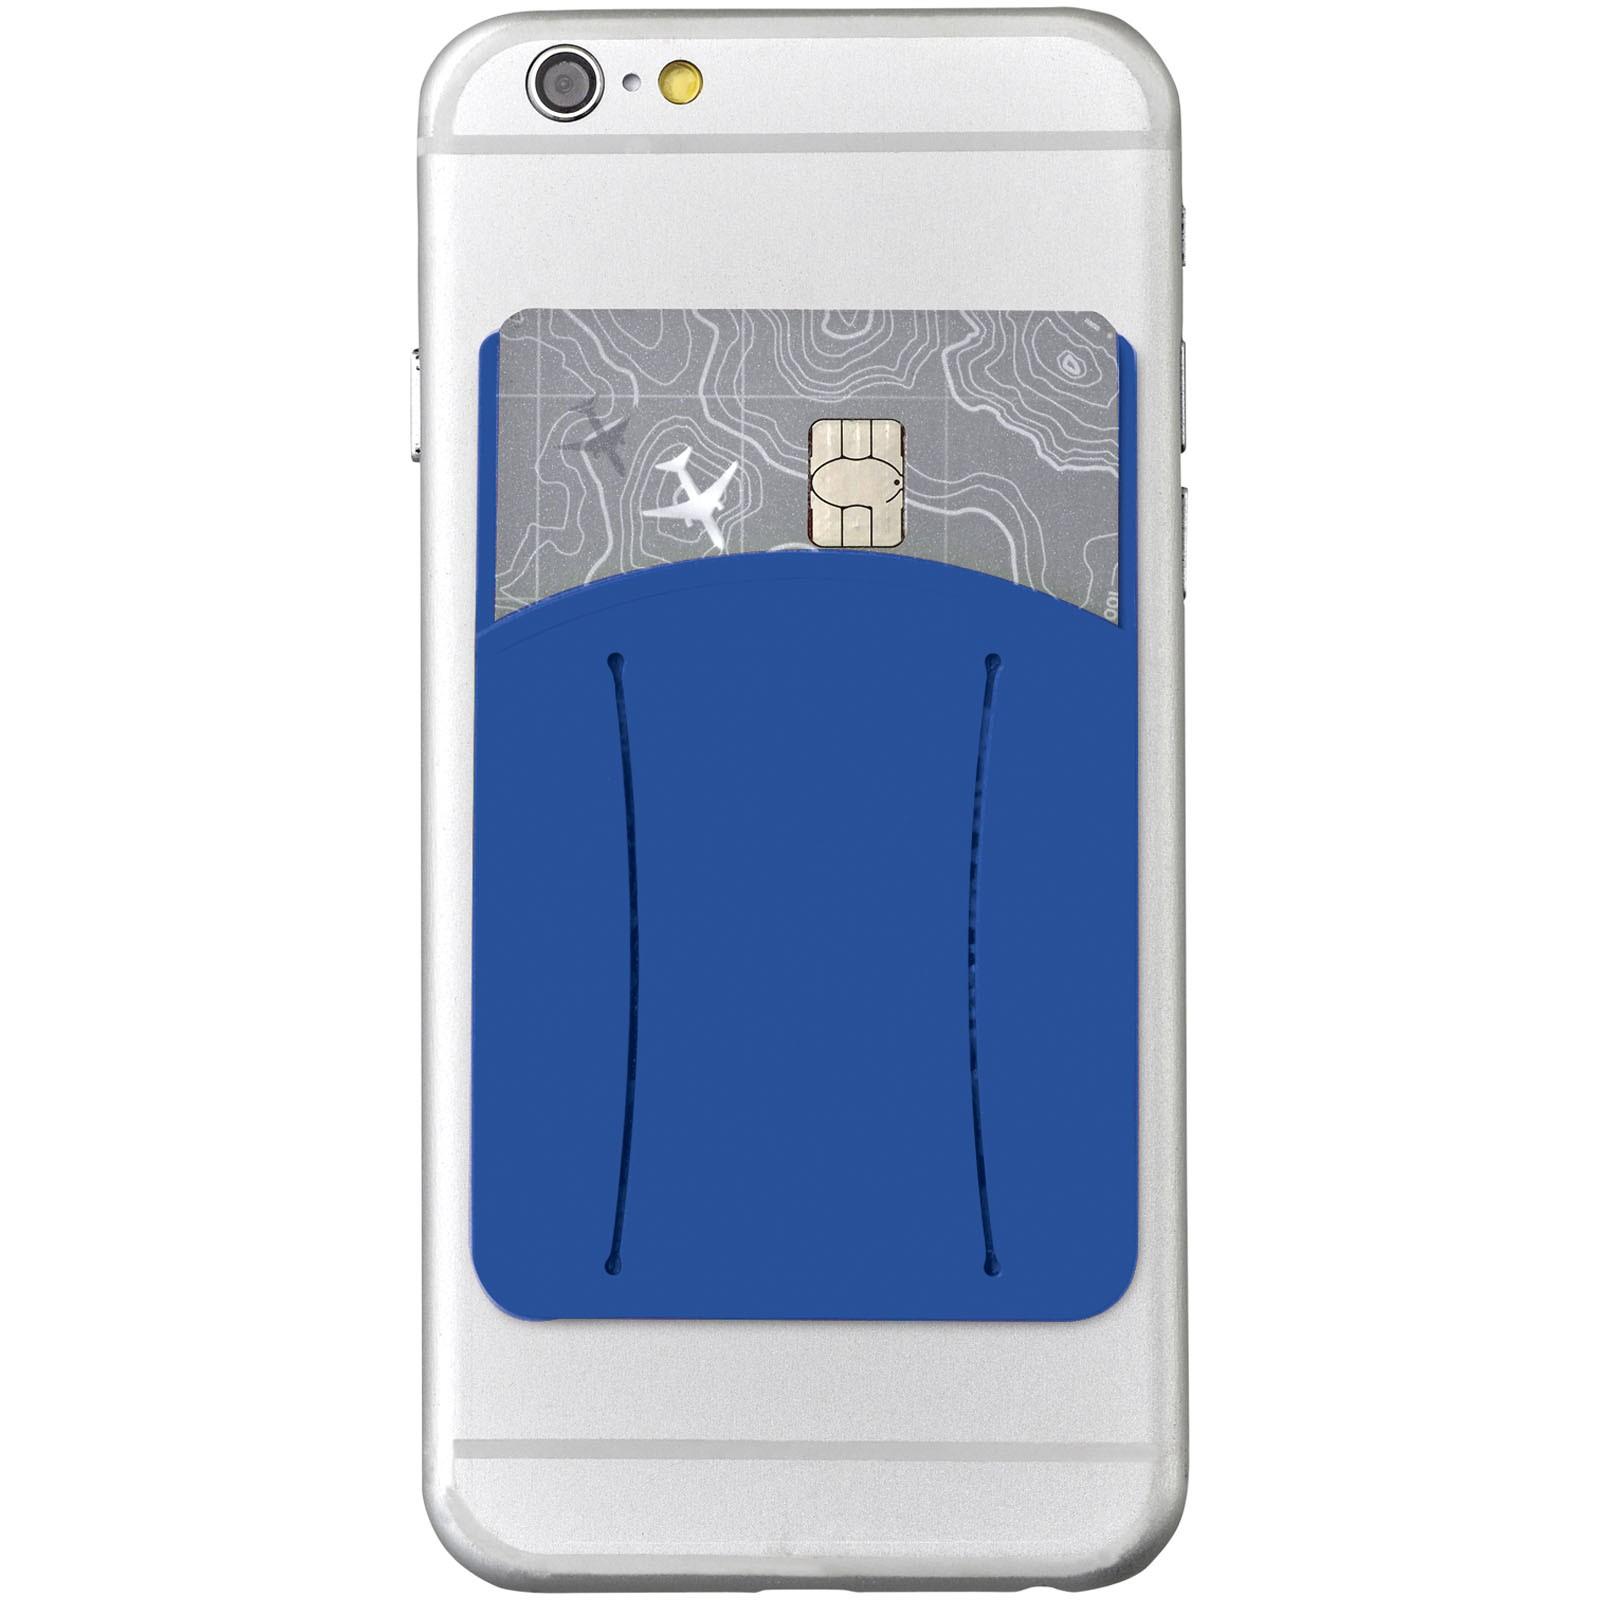 Silikonové pouzdro na kartu k telefonu - Světle modrá